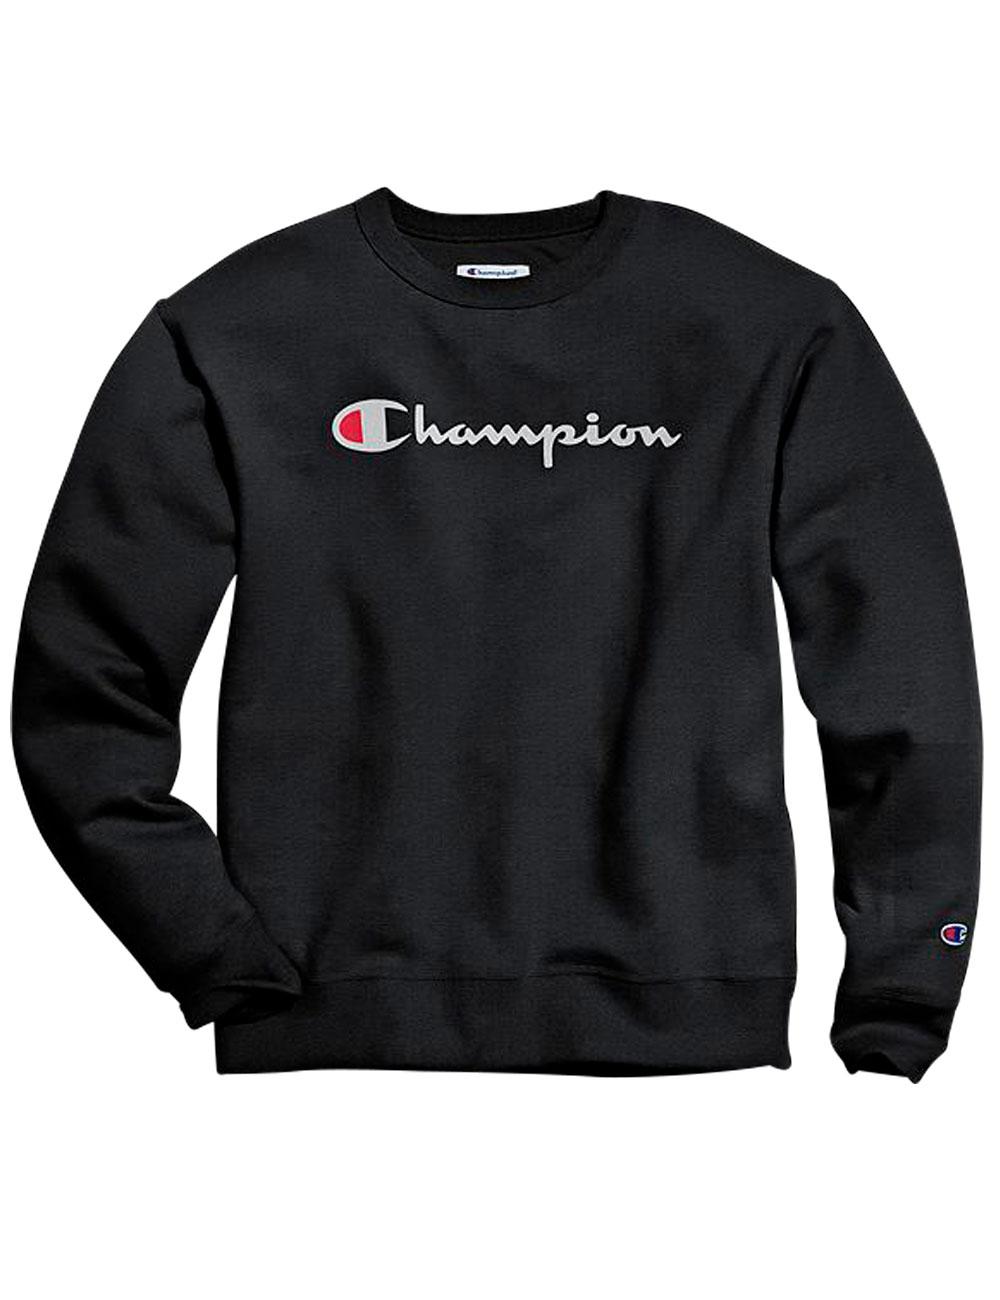 Herren Pullover Champion, schwarz